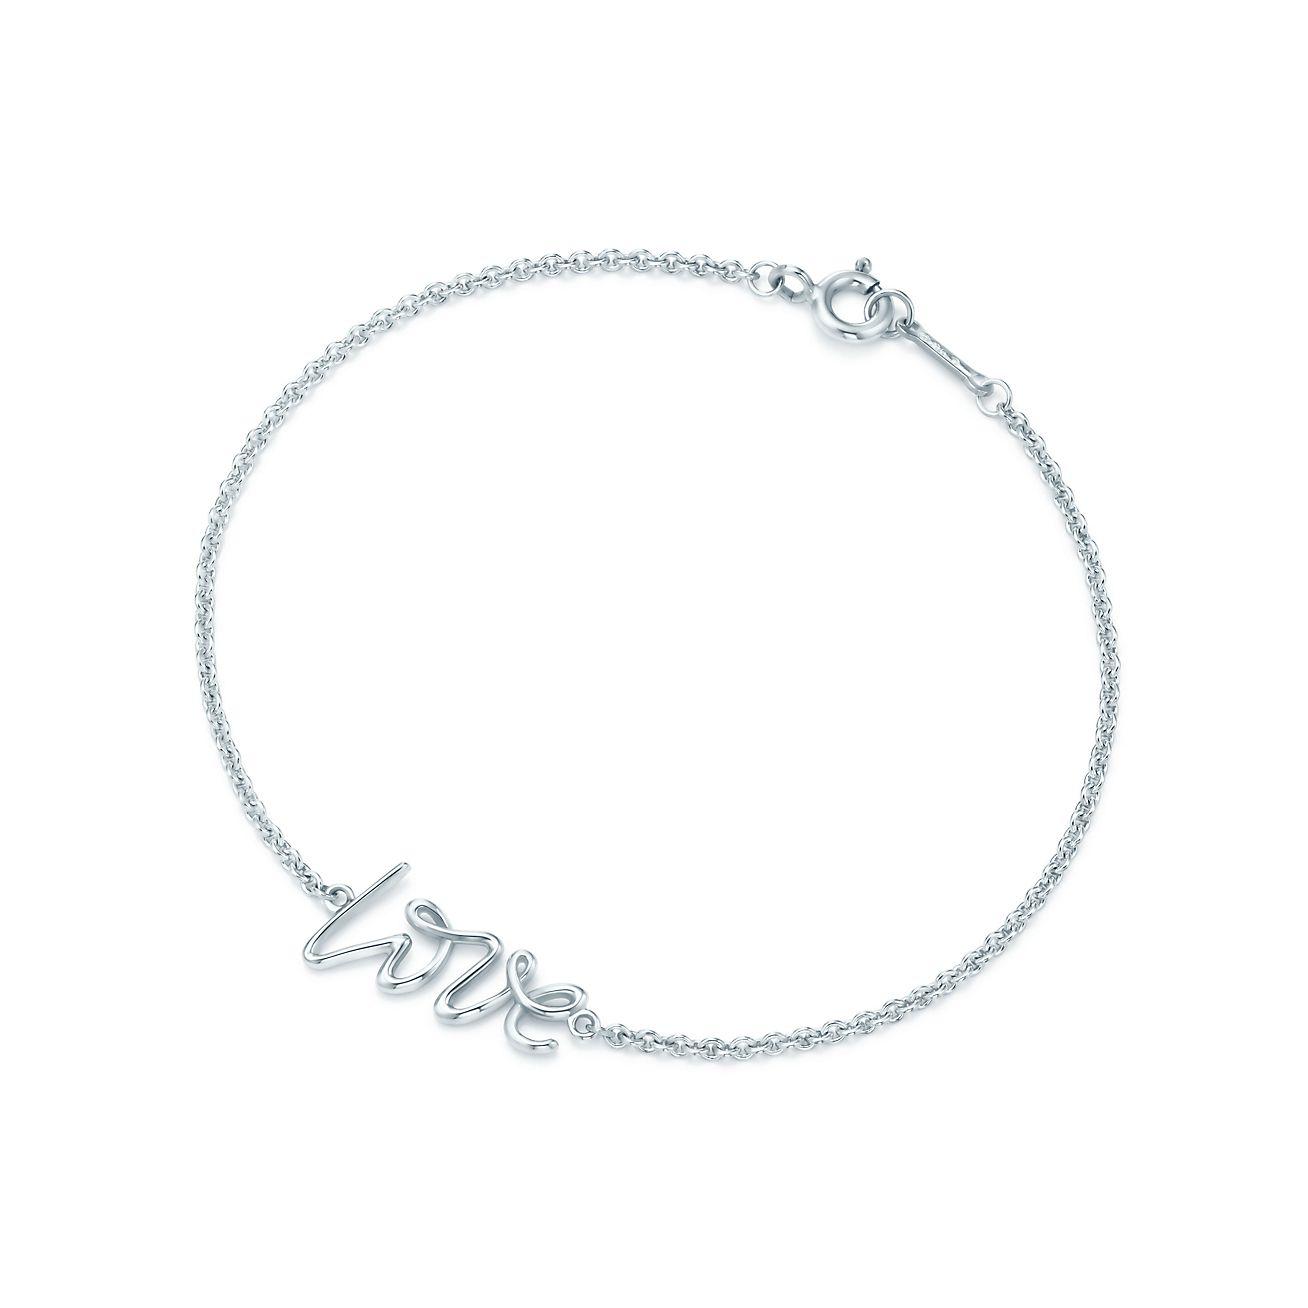 Palomas Graffiti love bracelet in sterling silver, mini Tiffany & Co.